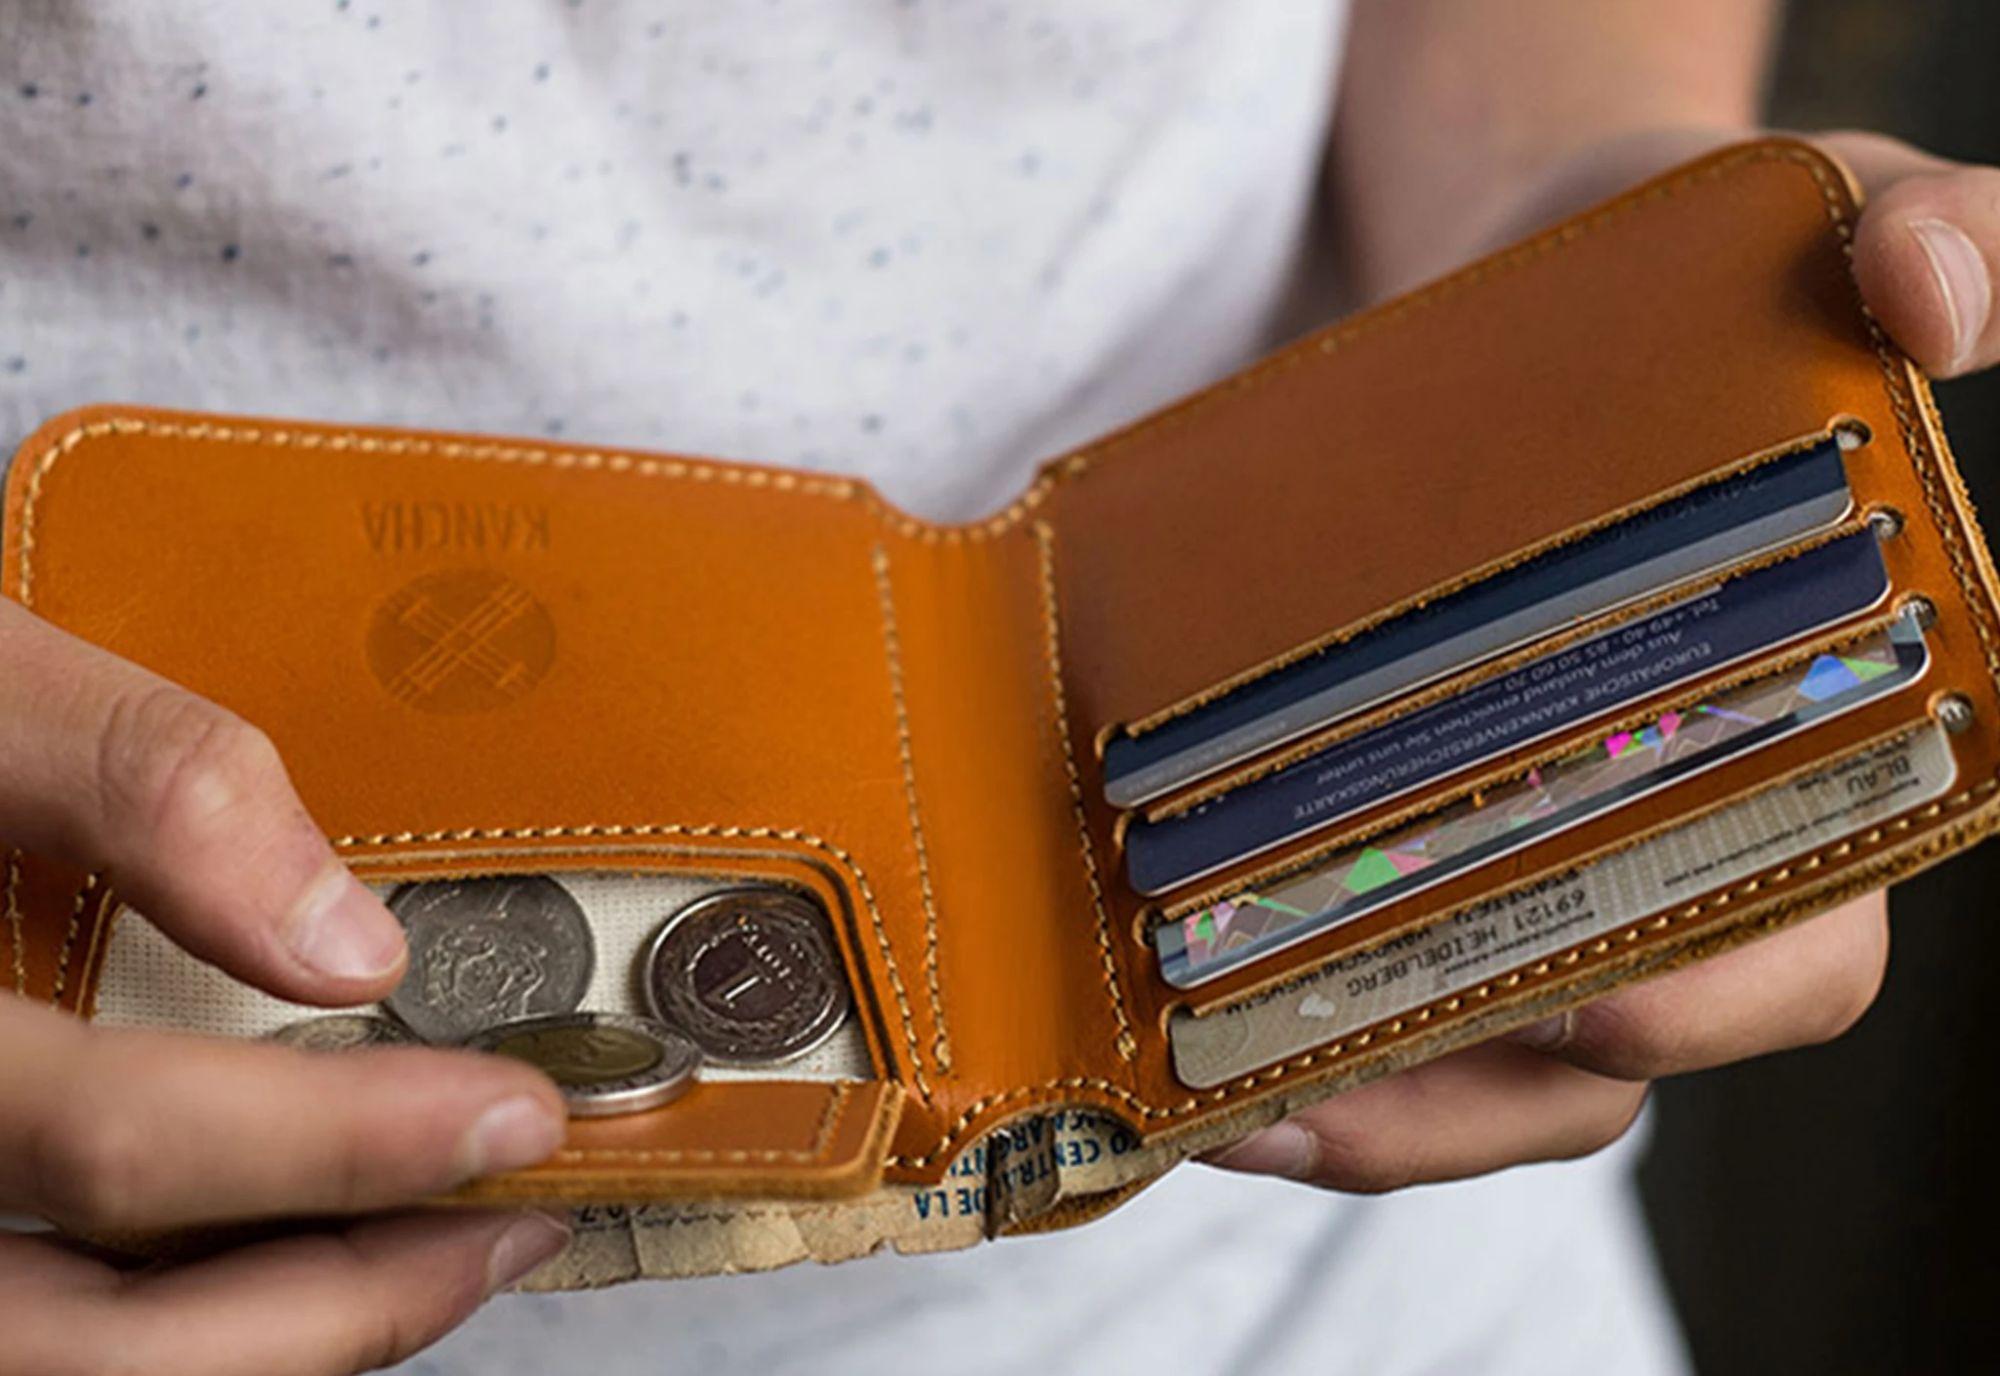 Eine Geldbörse kann leicht geklaut werden (Symbolfoto: Kancha)